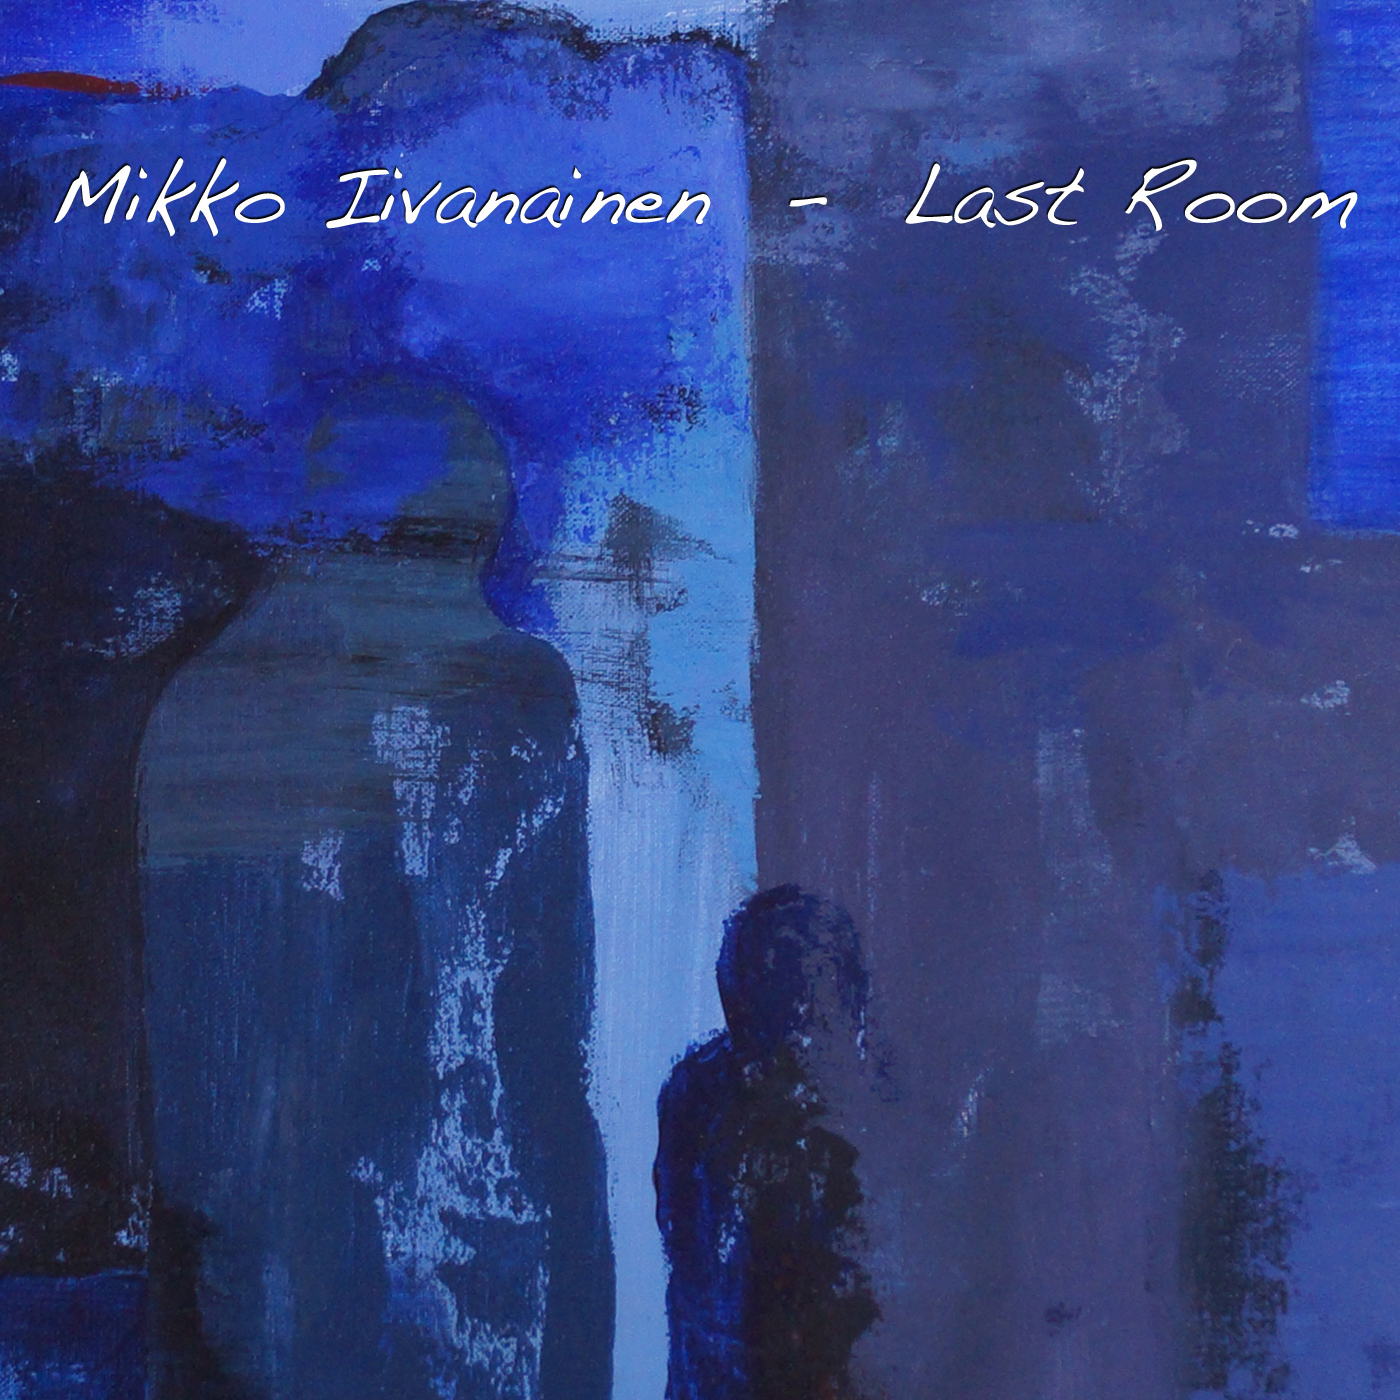 Mikko Iivanainen: Last Room